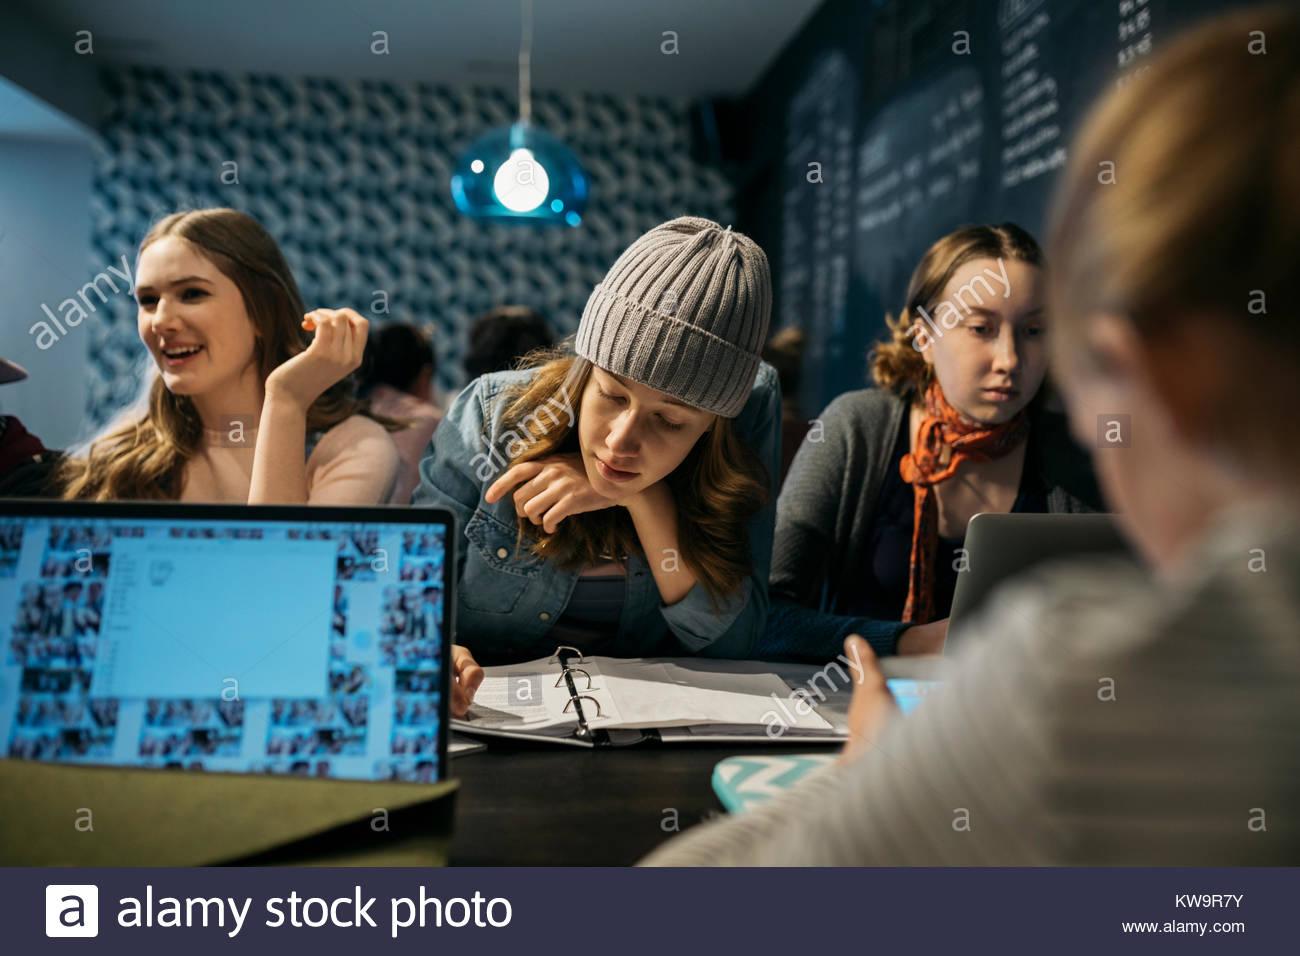 Chica high school los estudiantes que estudian en el cafe Imagen De Stock